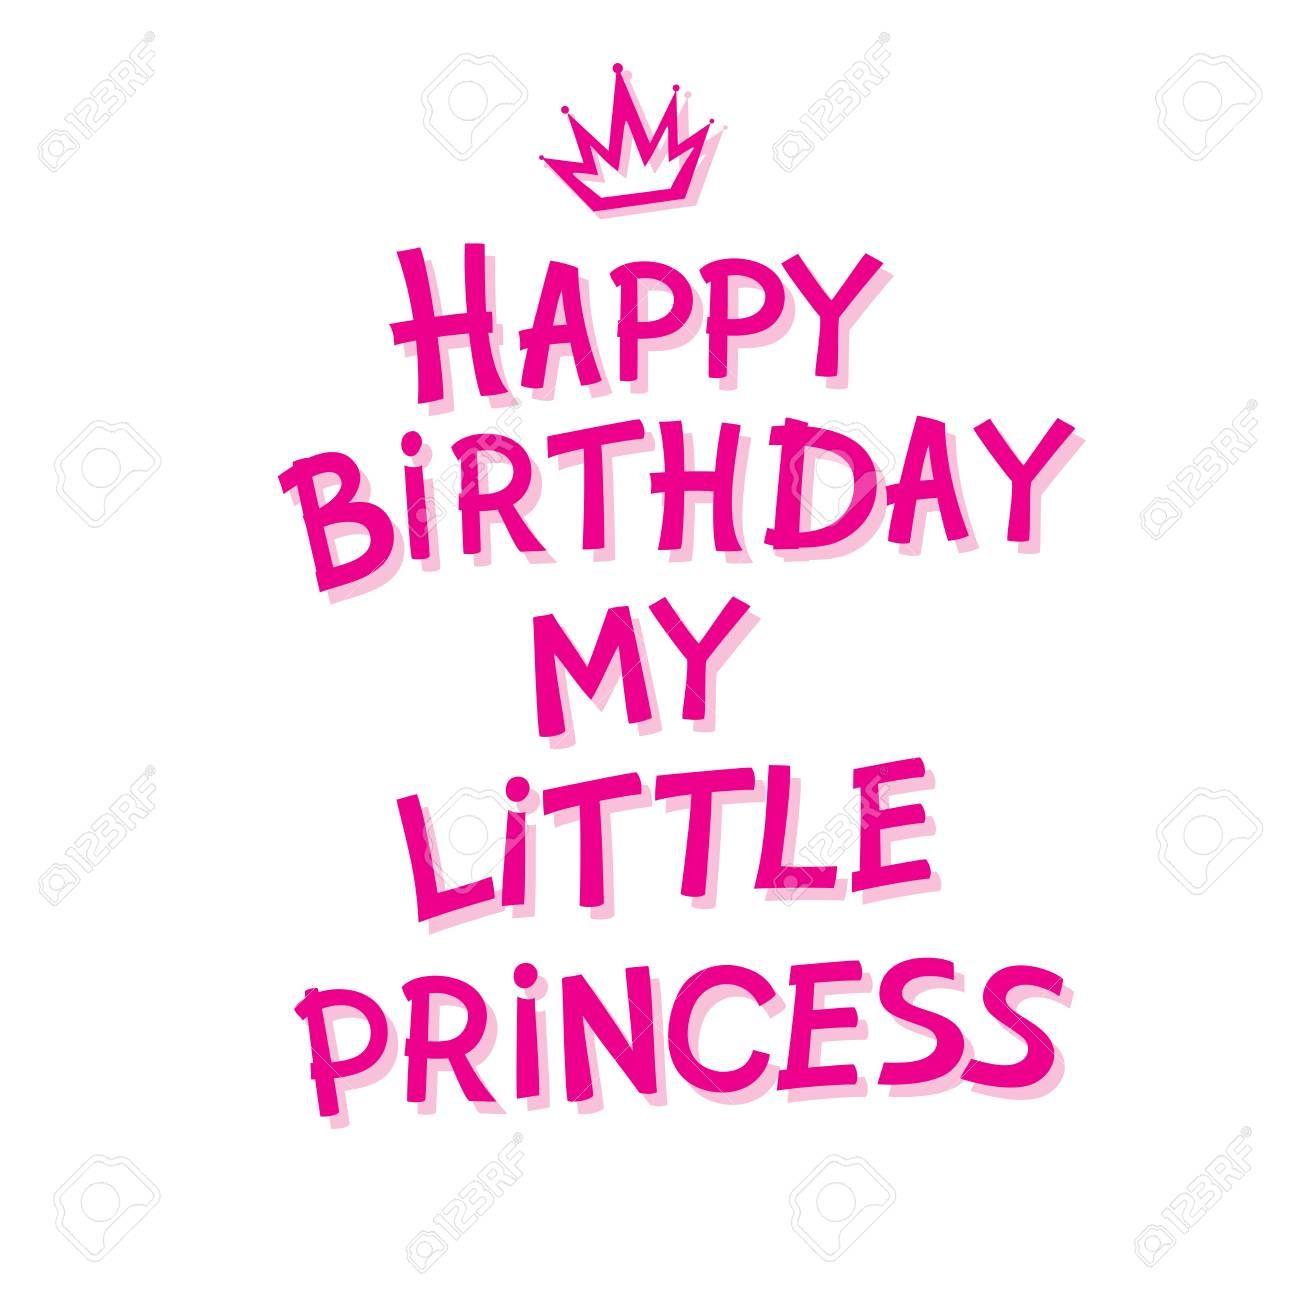 Stock Vector Happy Birthday Princess Quotes Happy Birthday